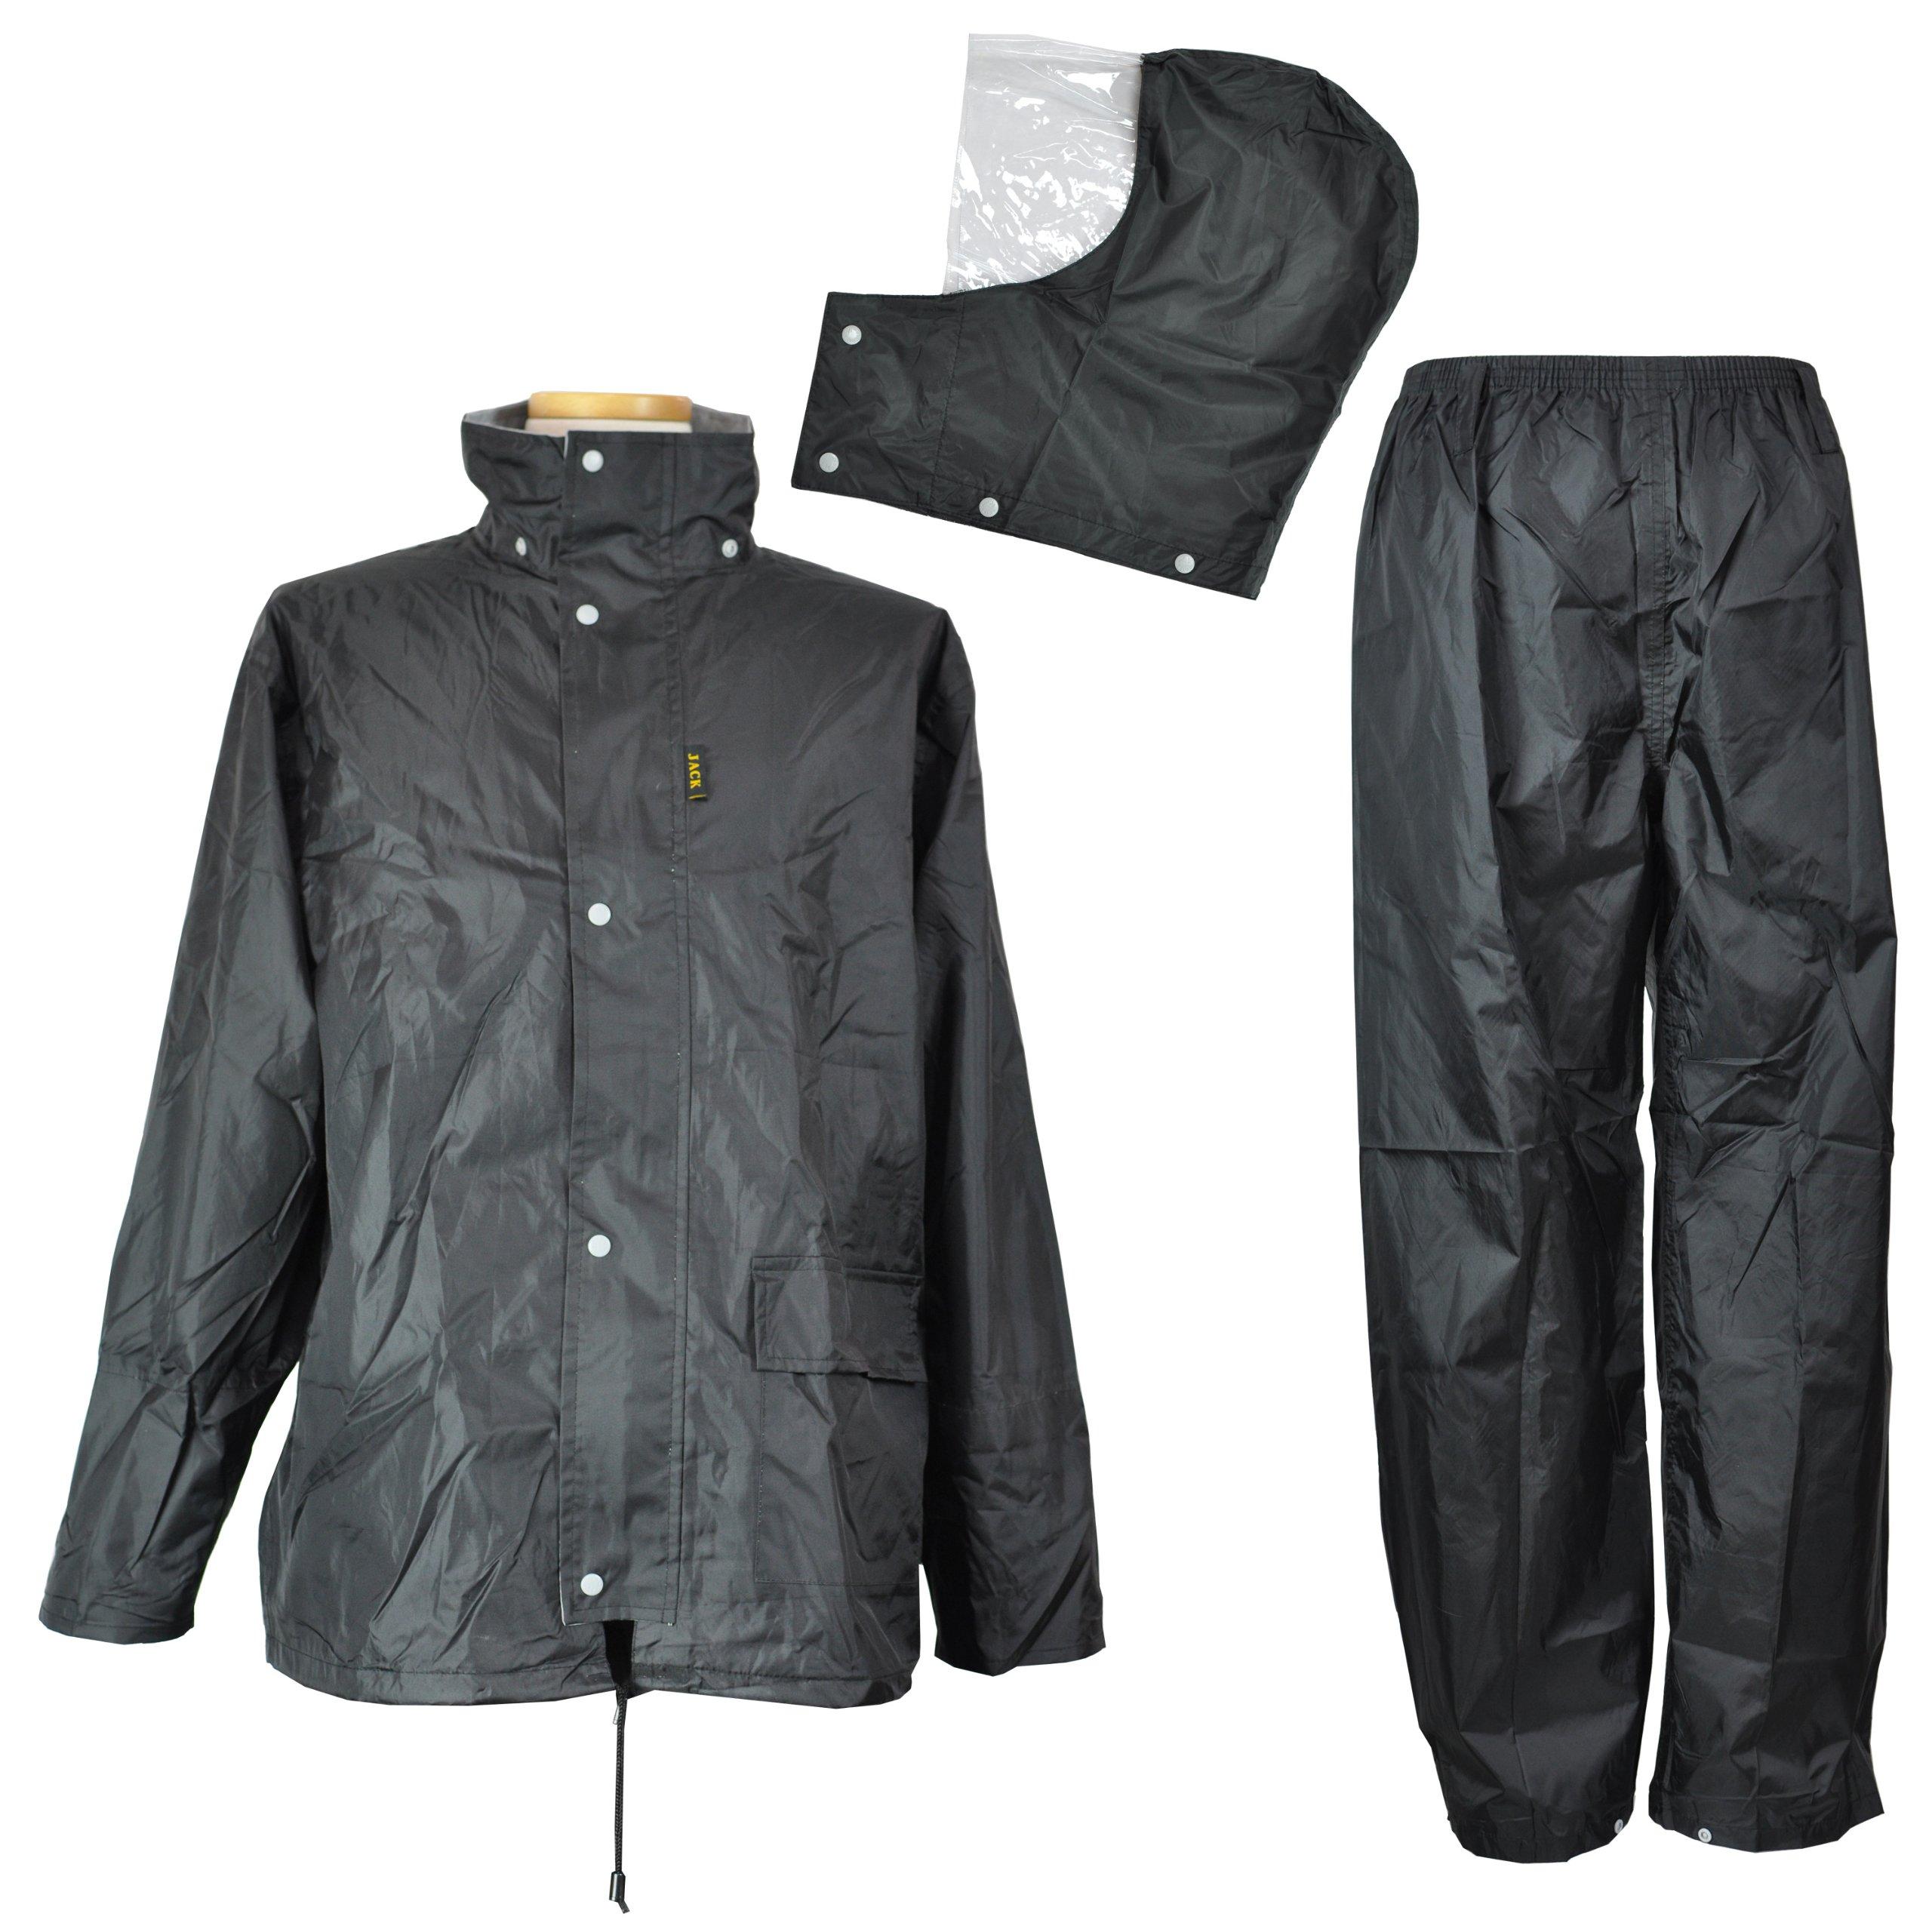 コヤナギ 【防水/耐水圧10000mm】 《二重袖・パンツ裾ボタン》 レインウェア FUNPLUSLIGHT FP-11